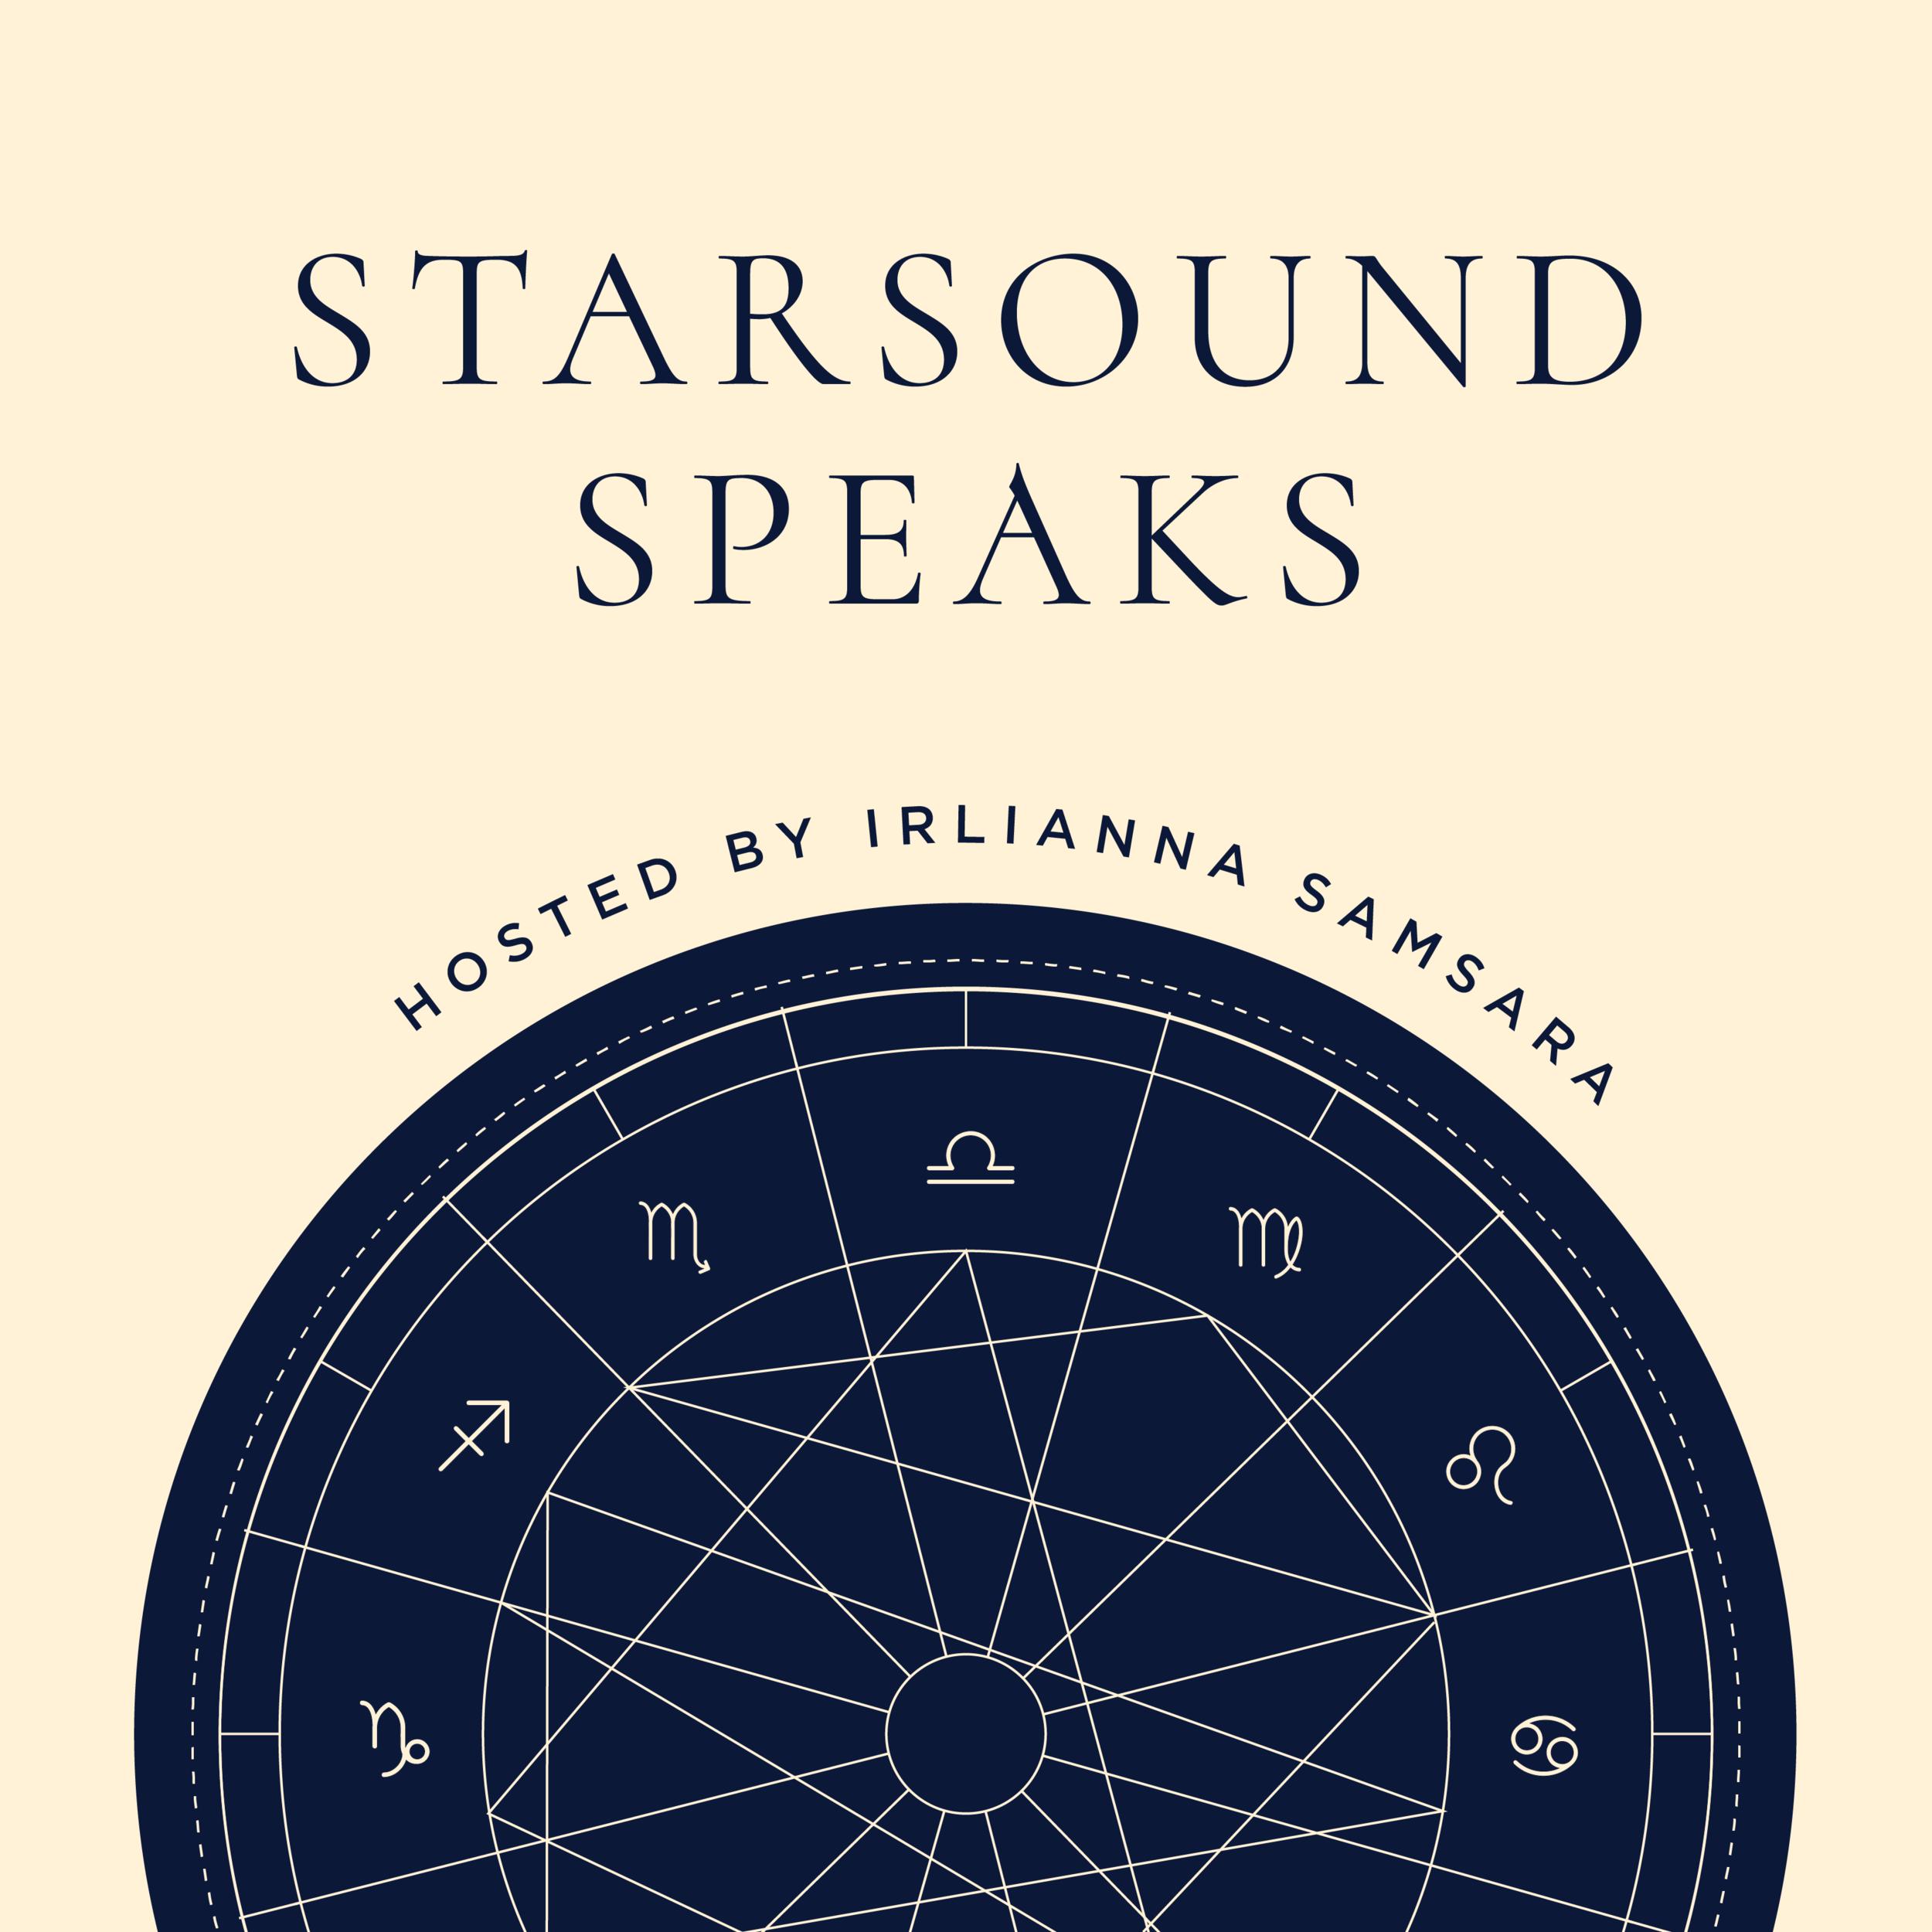 starsoundspeaks--01.png